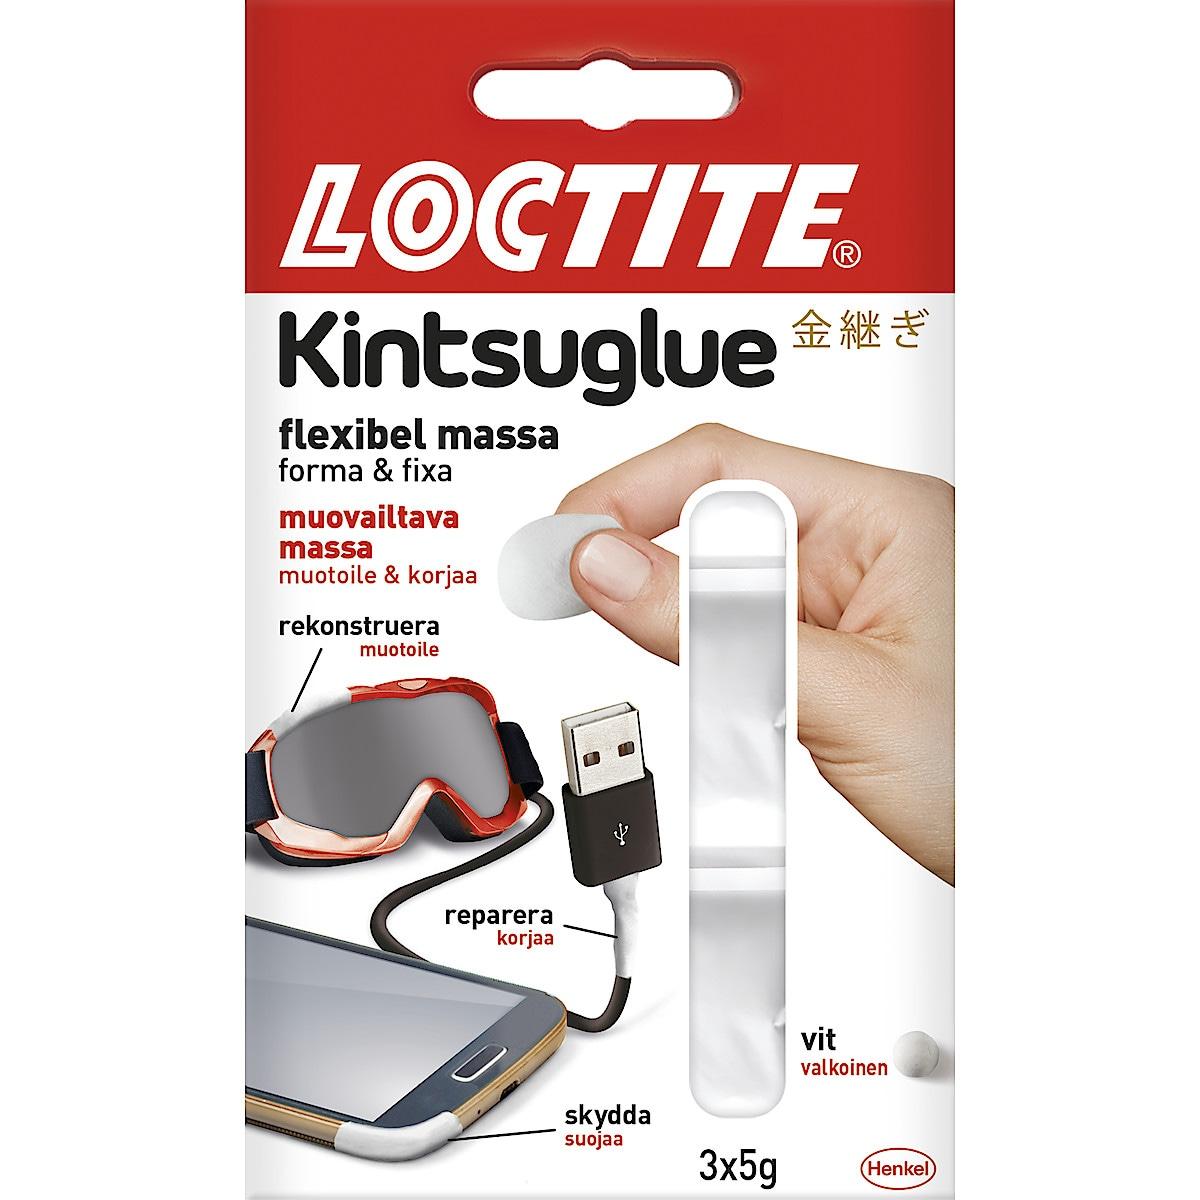 Korjausmassa Loctite Kintsuglue